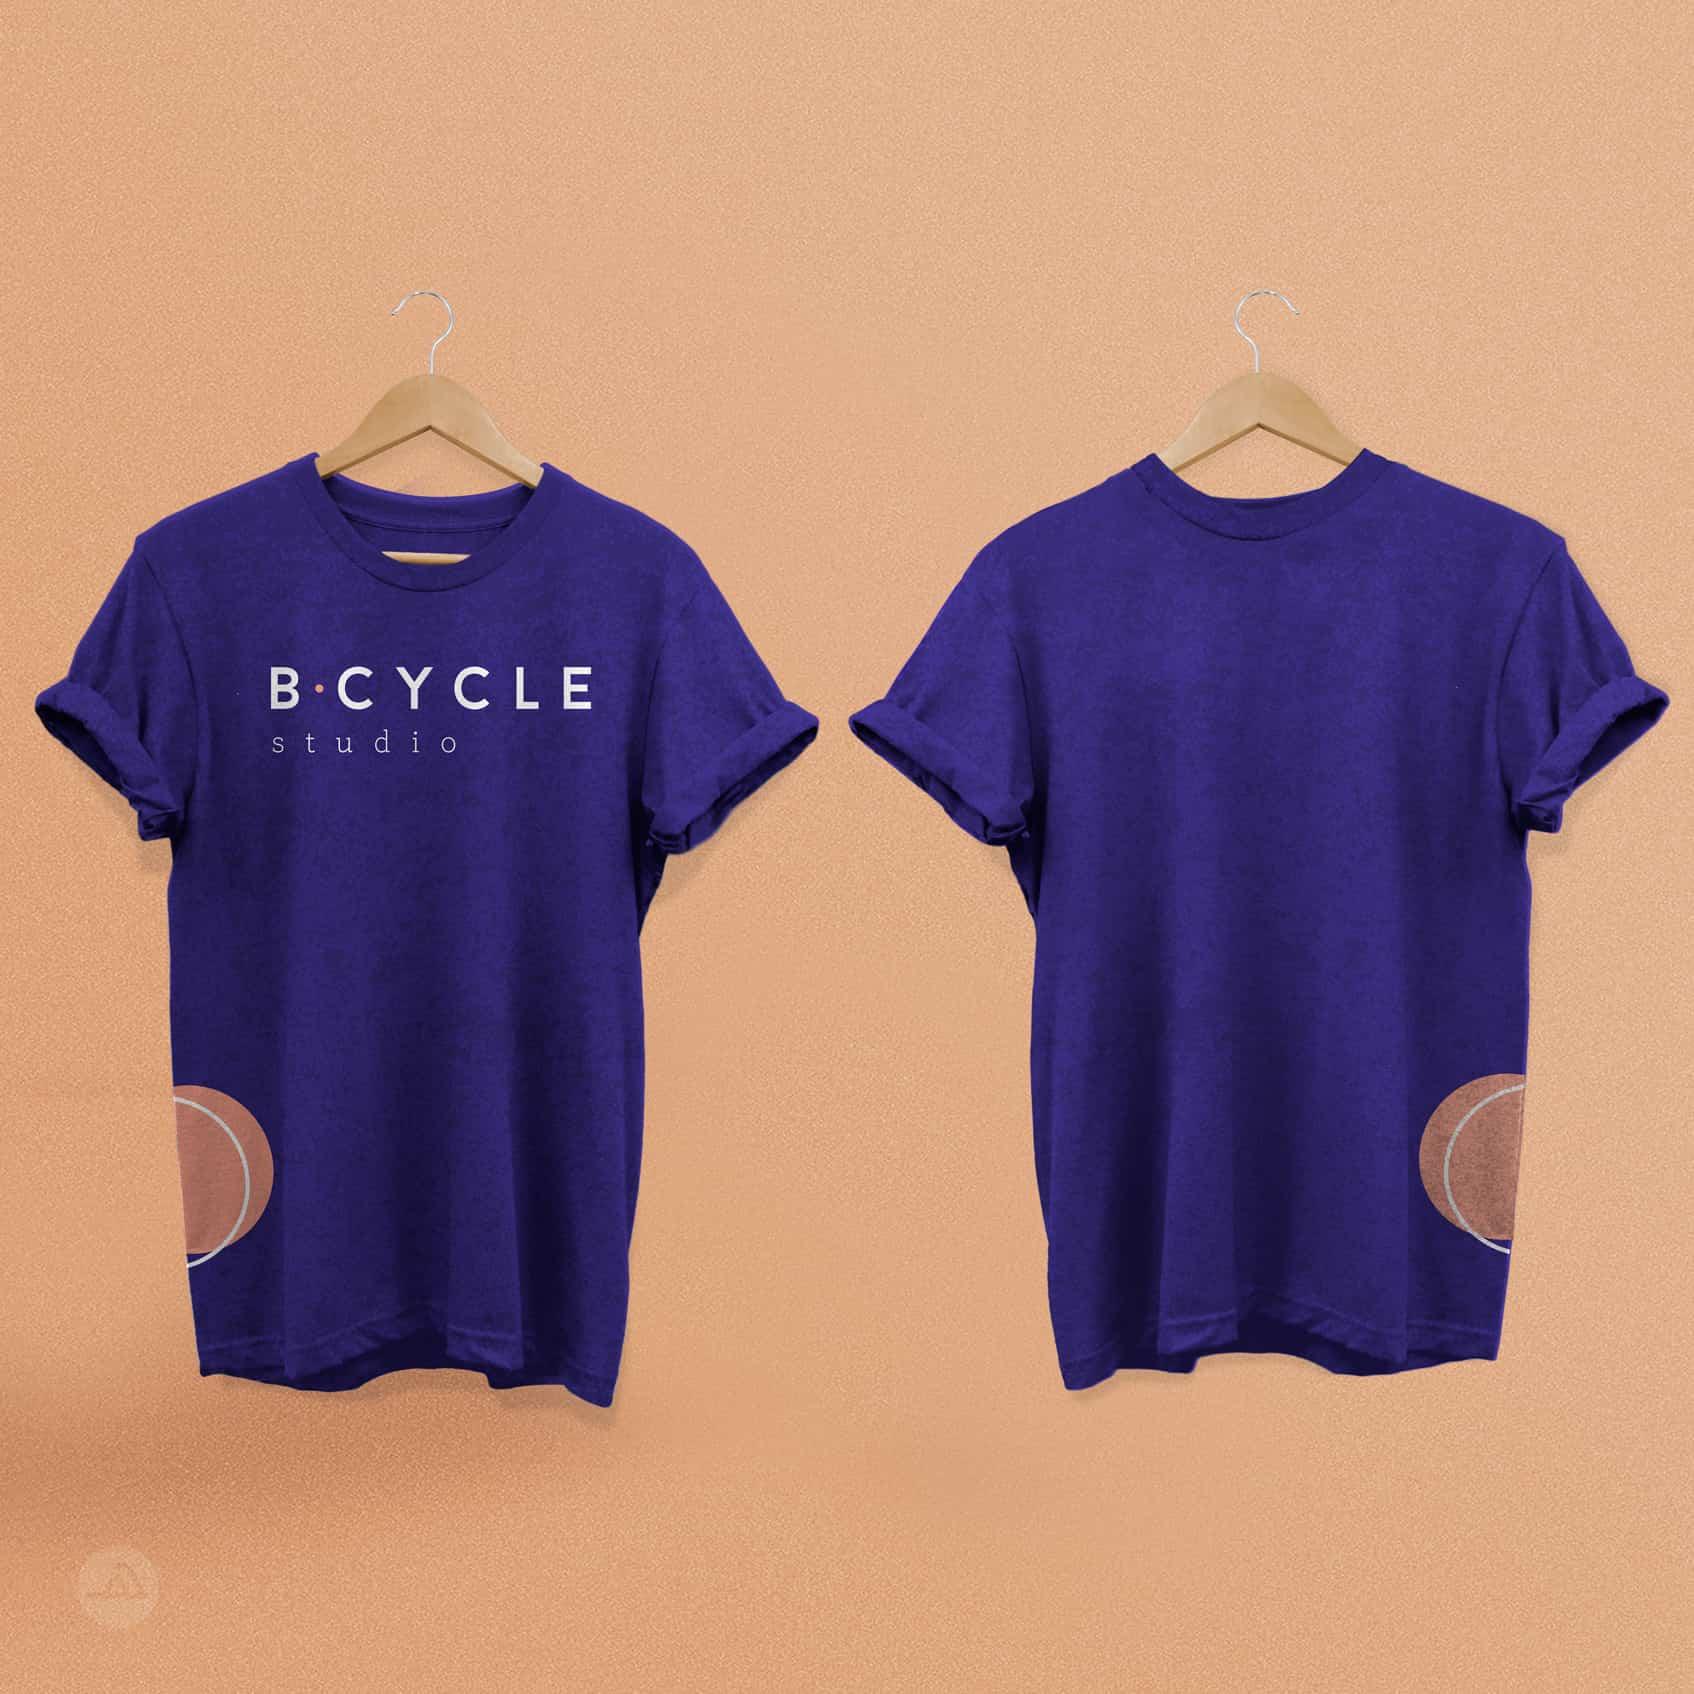 b.cycle